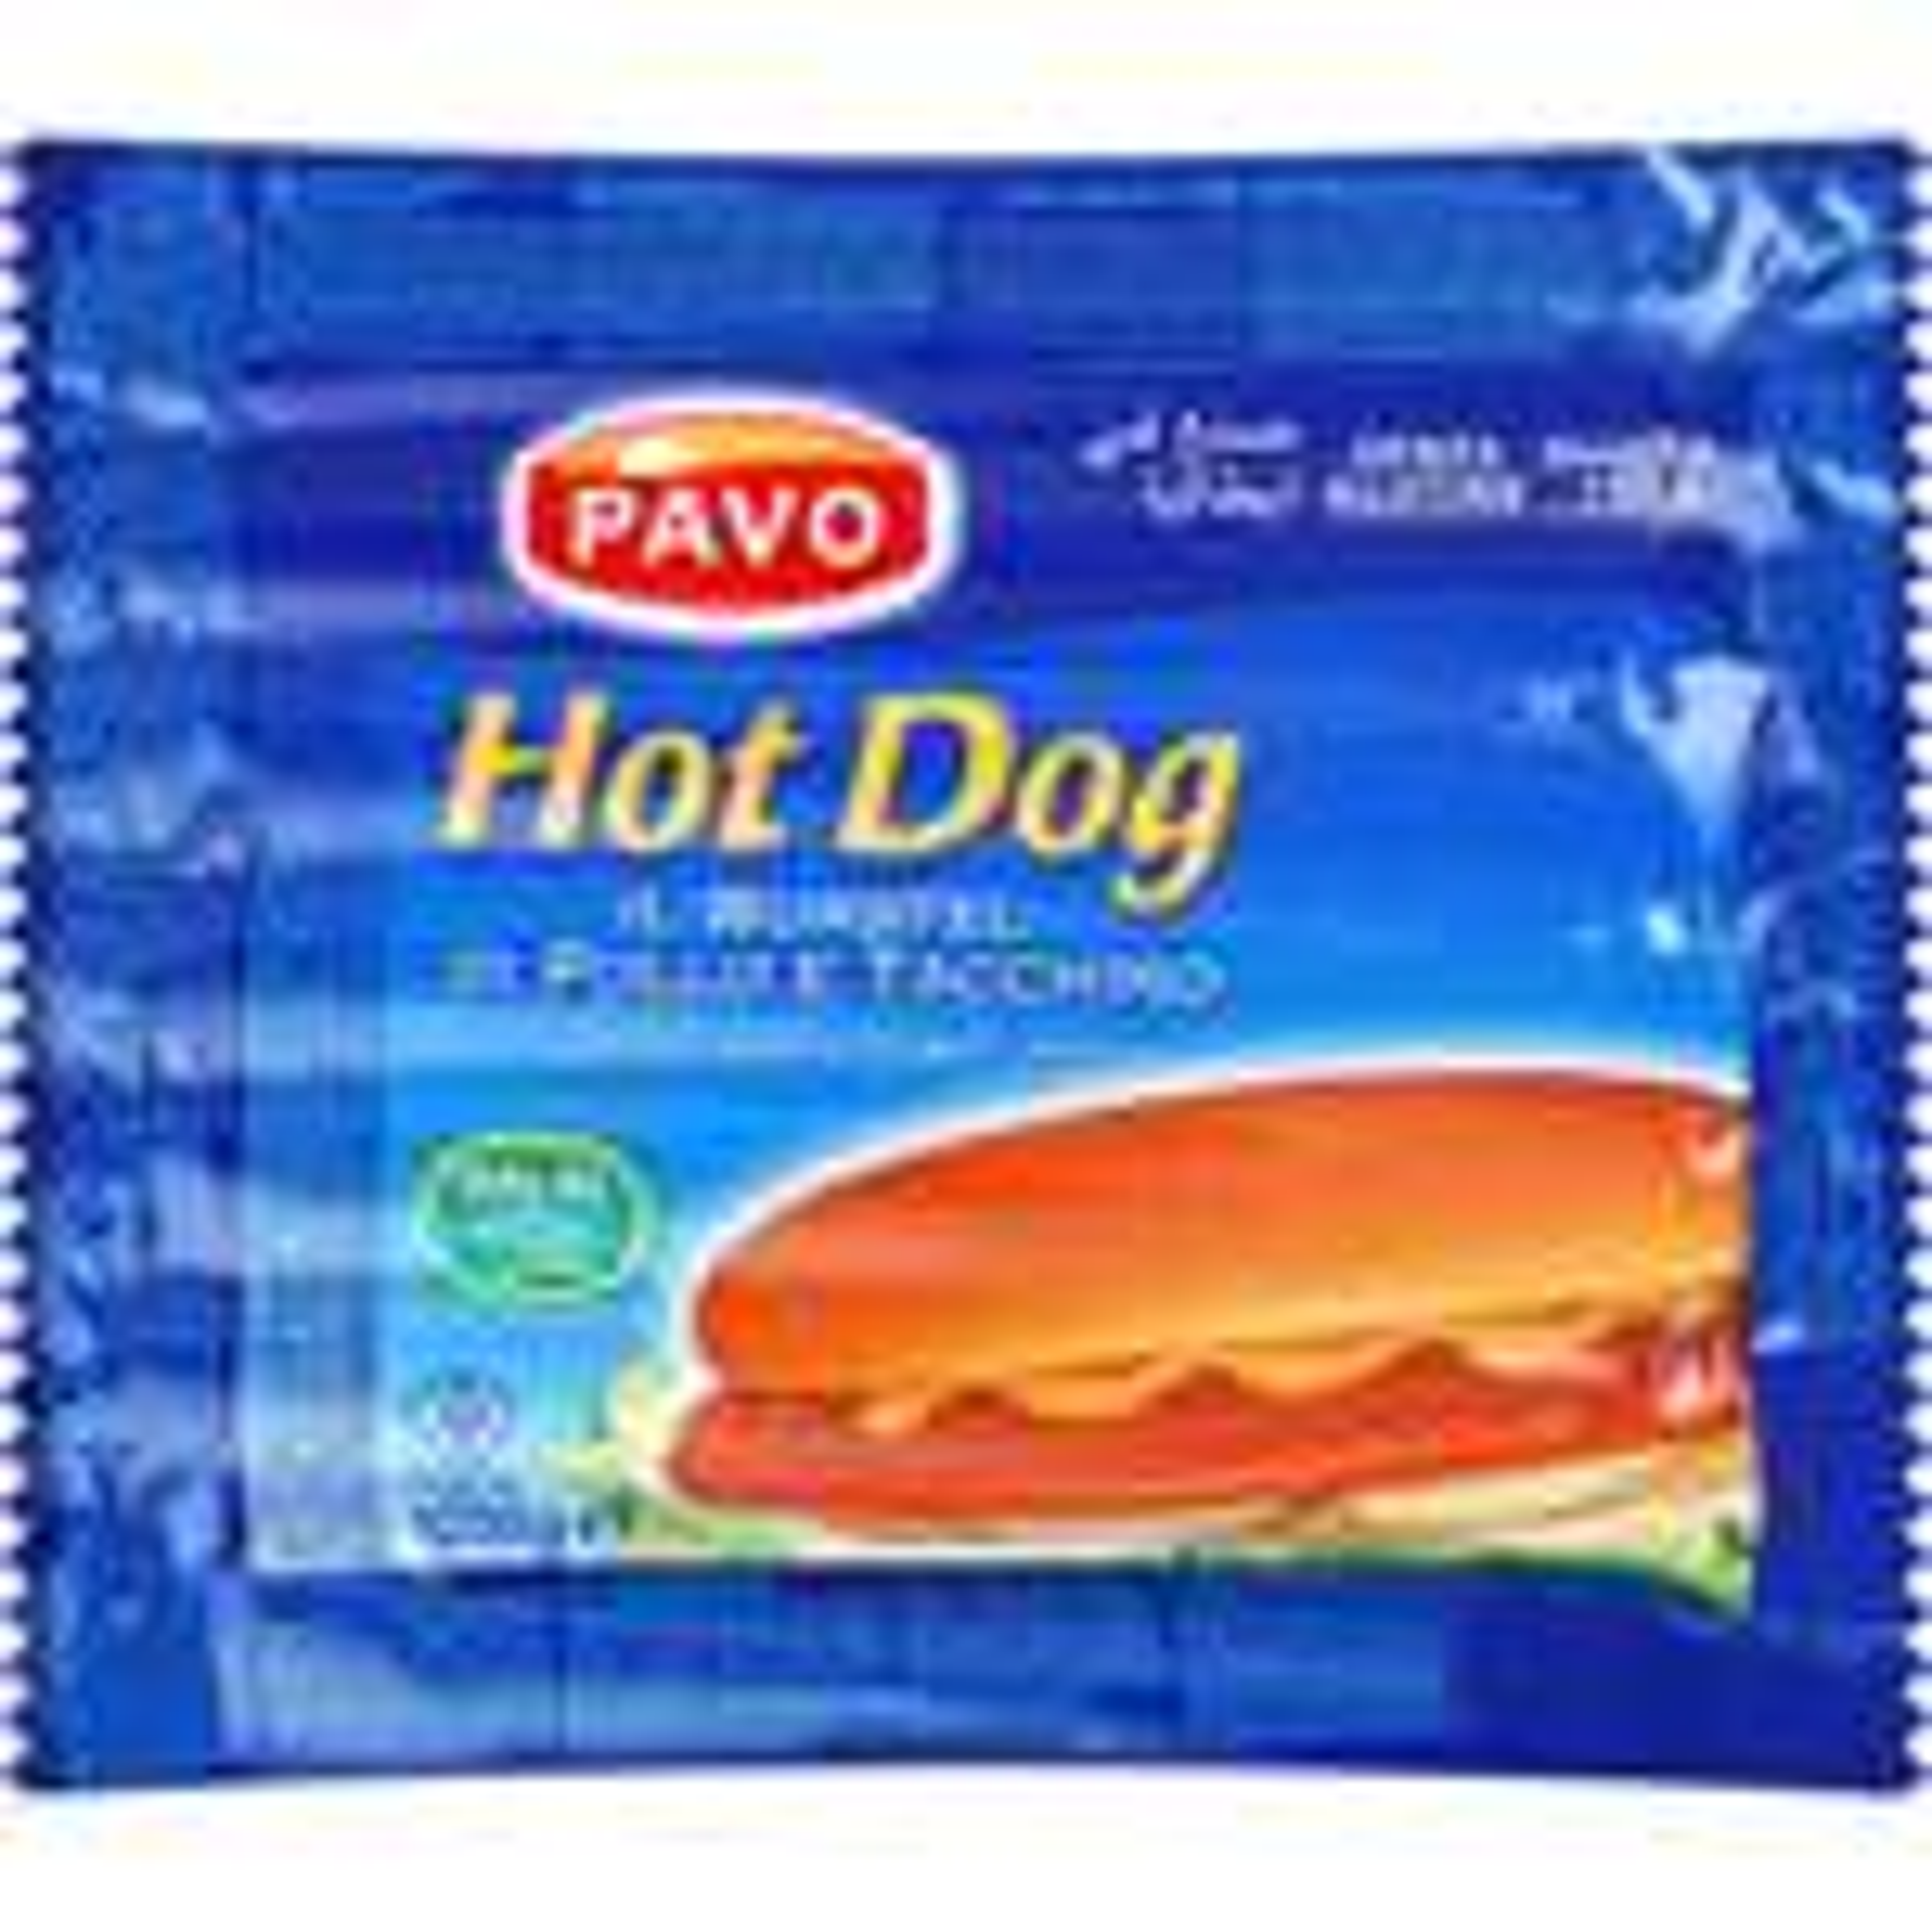 Fotografija ponude Pavo Hot Dog hrenovke